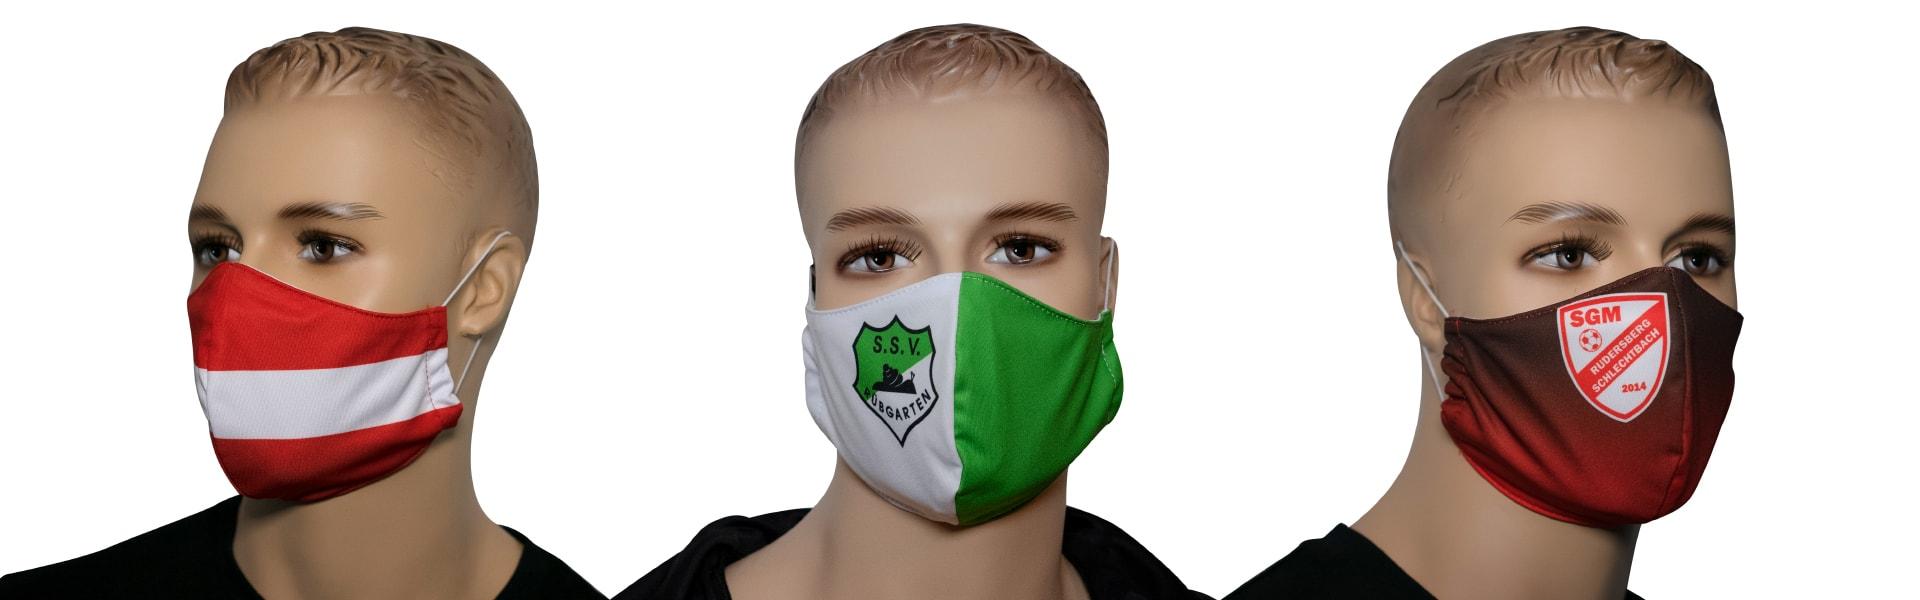 Gesichtsmasken1